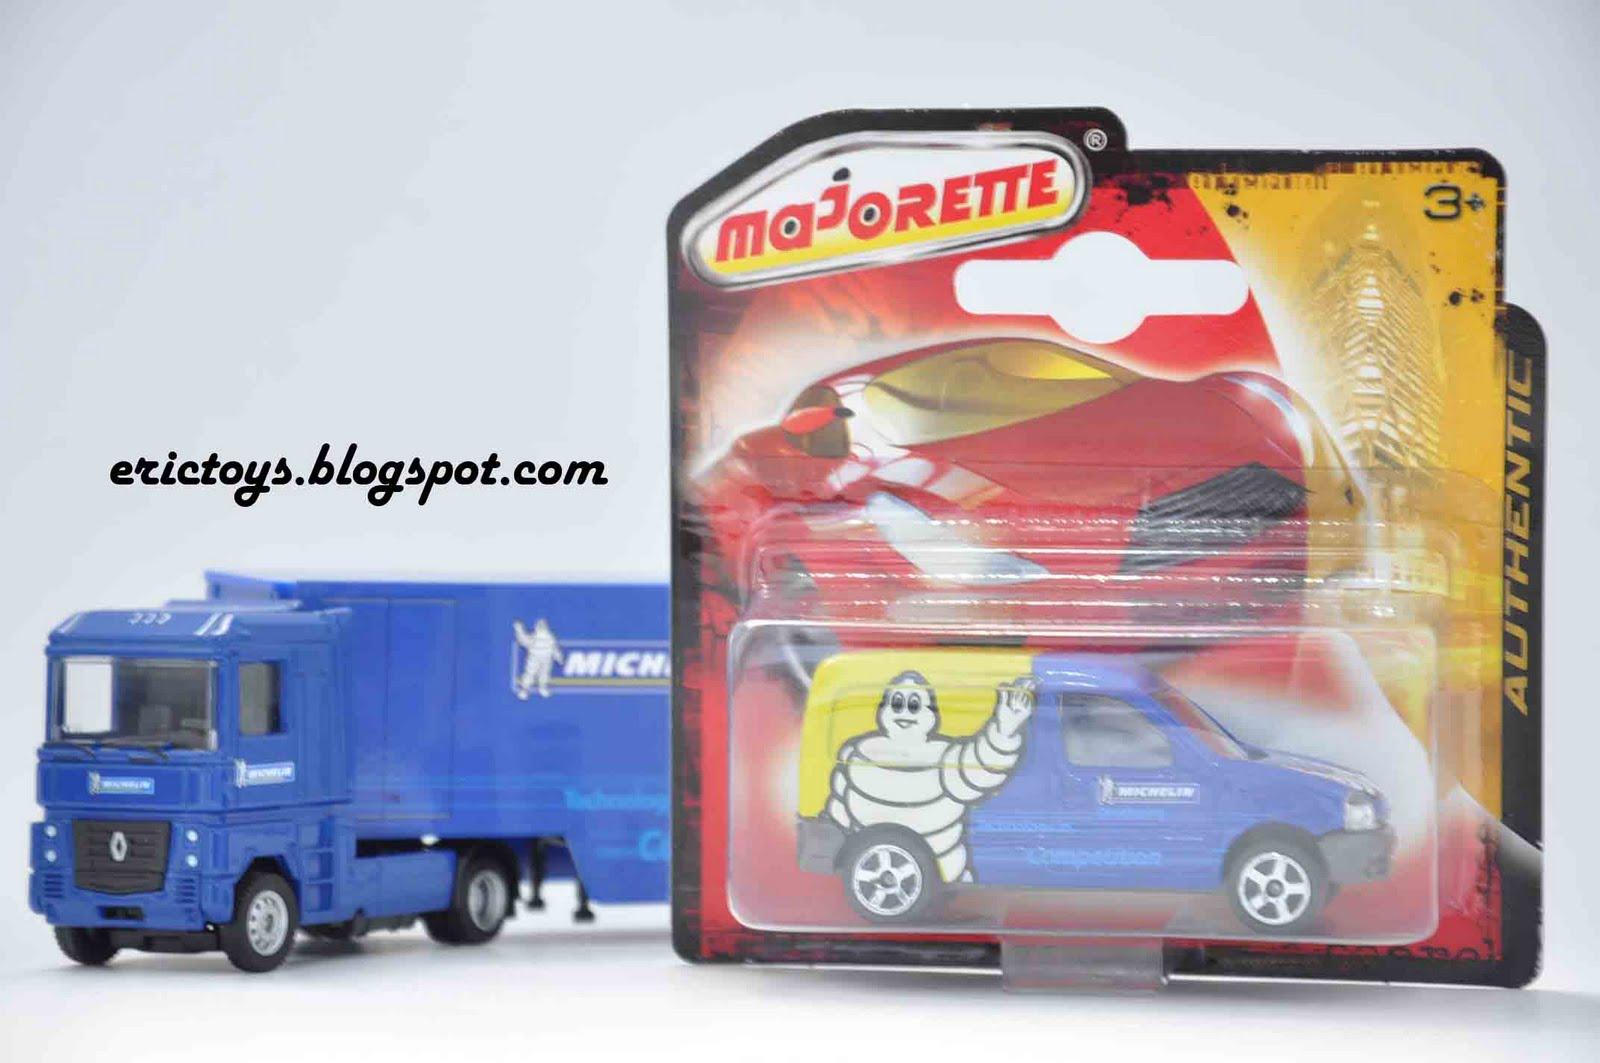 http://1.bp.blogspot.com/_Yba-0dpk3KQ/S-eusLjjPaI/AAAAAAAAMtg/9fnarcFQvOY/s1600/toys+411+copy.jpg